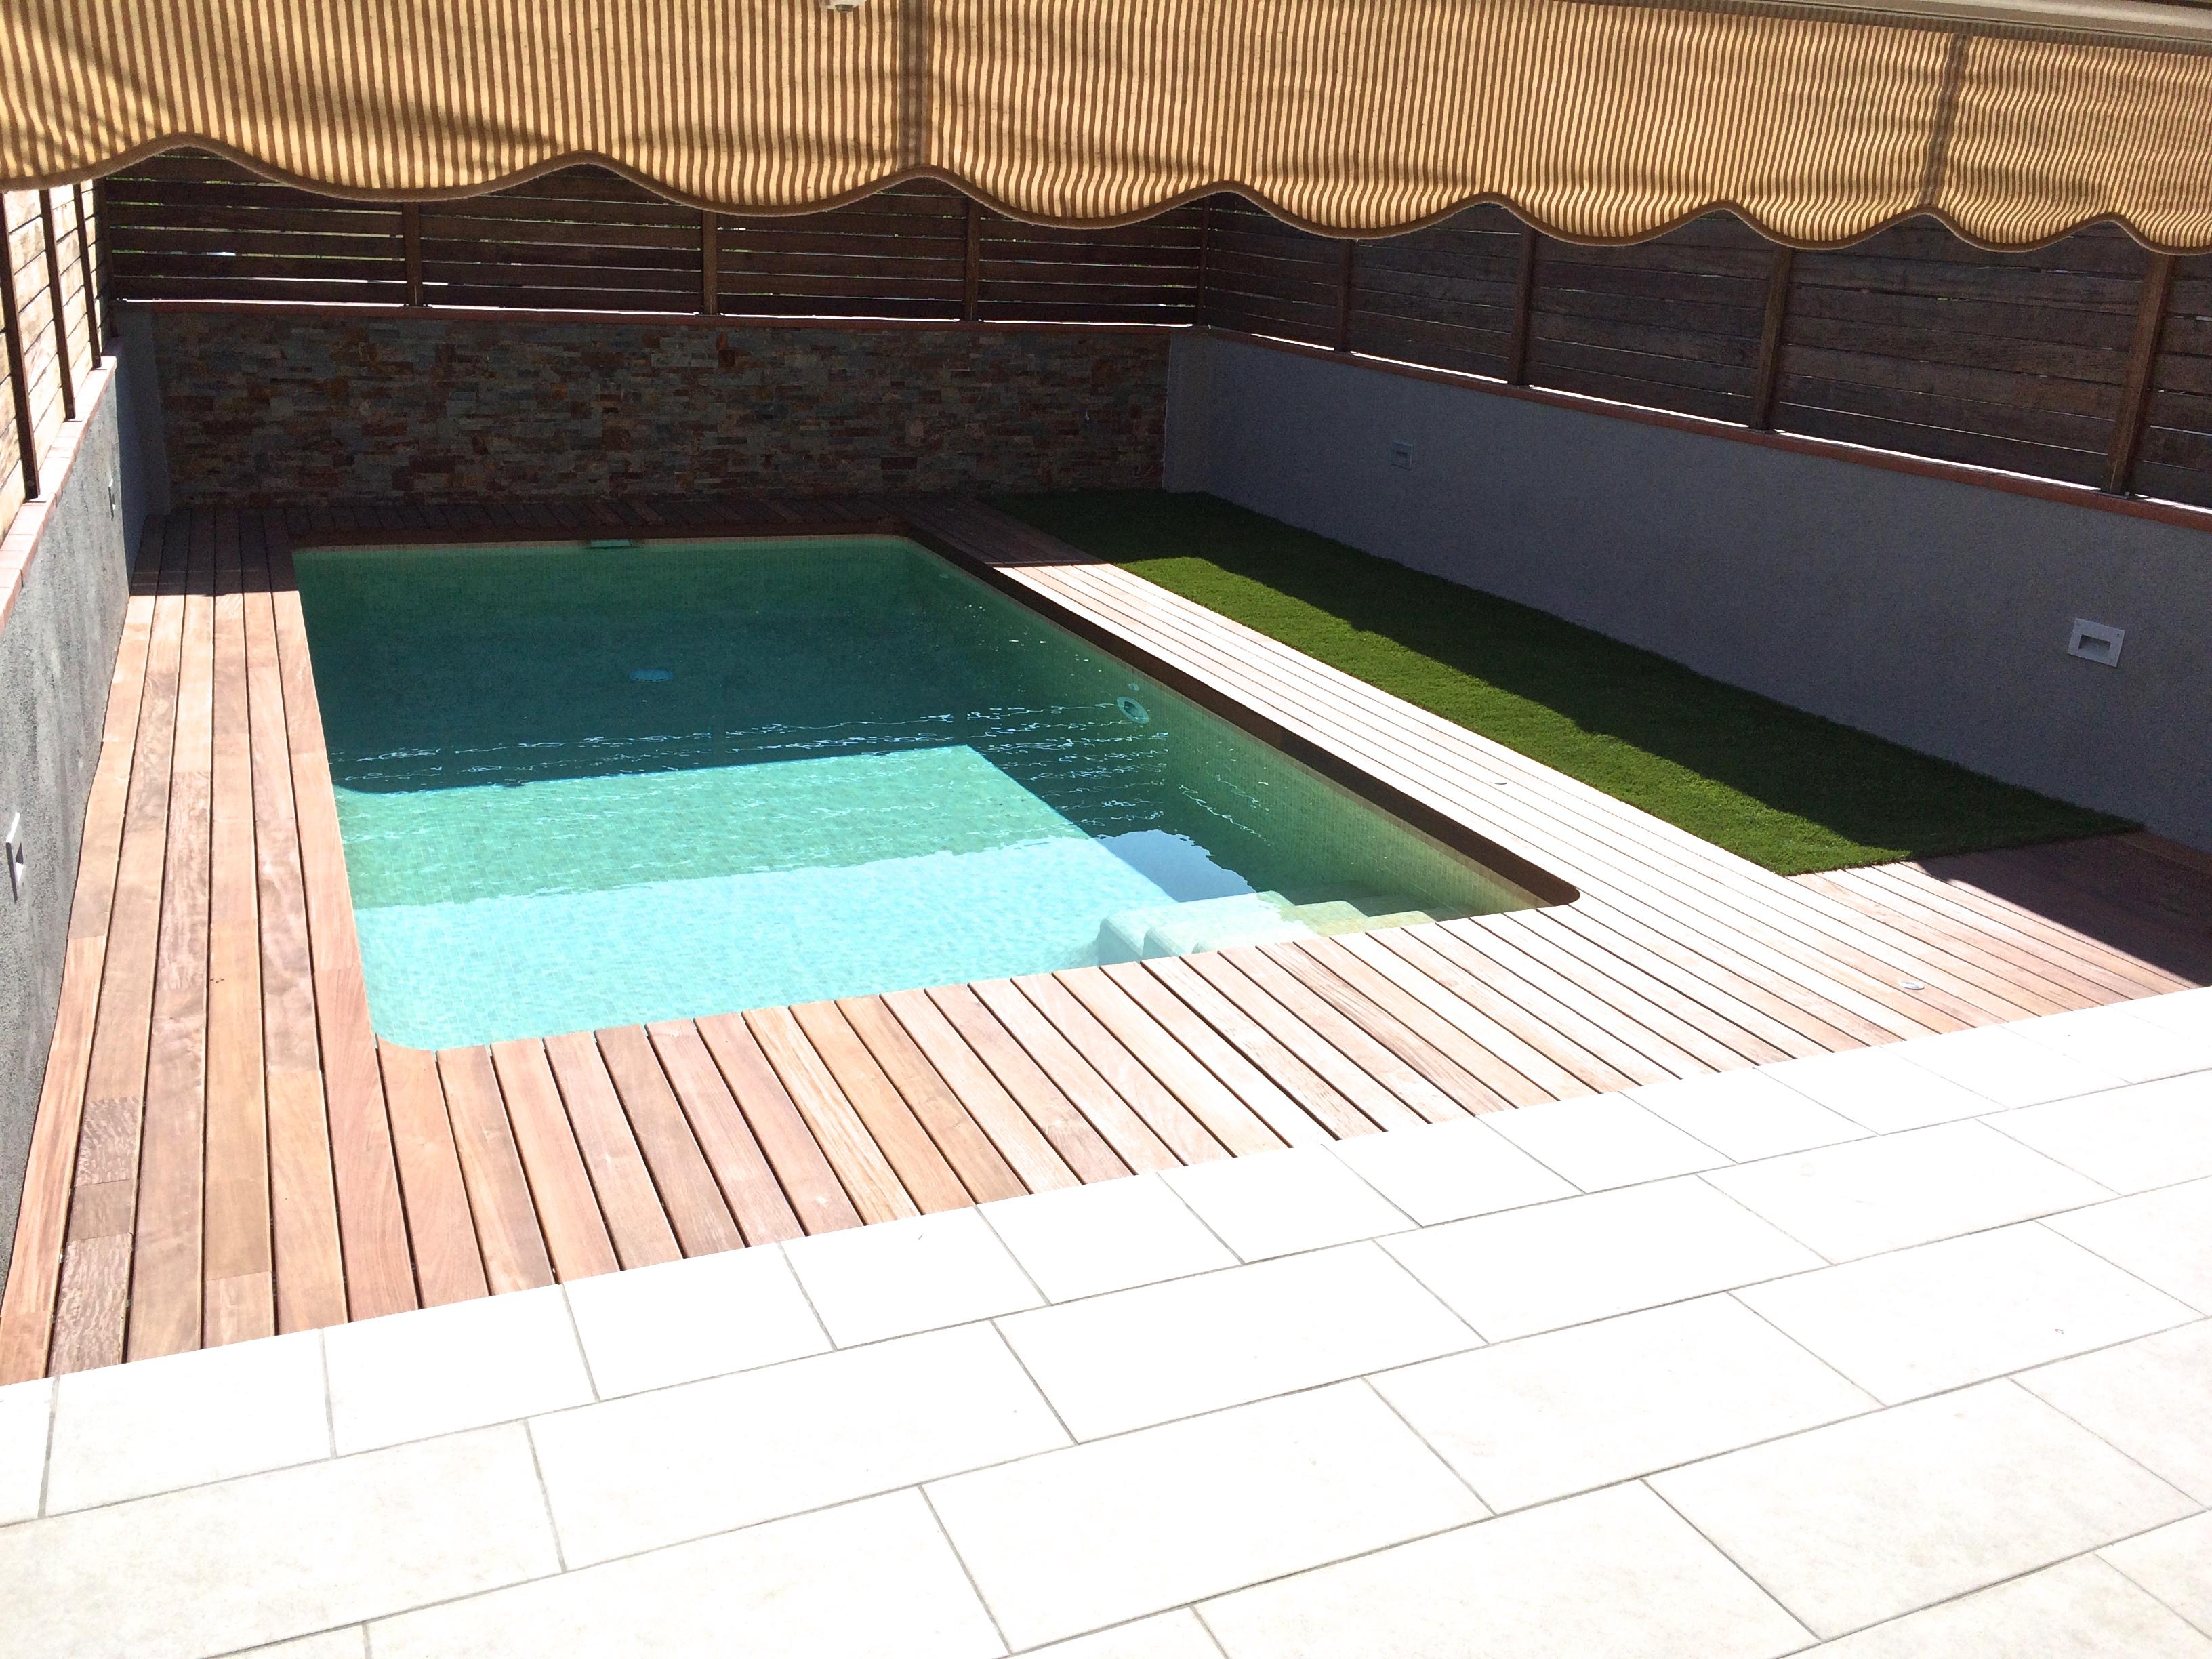 Noticias piscinasaop for Gresite para piscinas precios